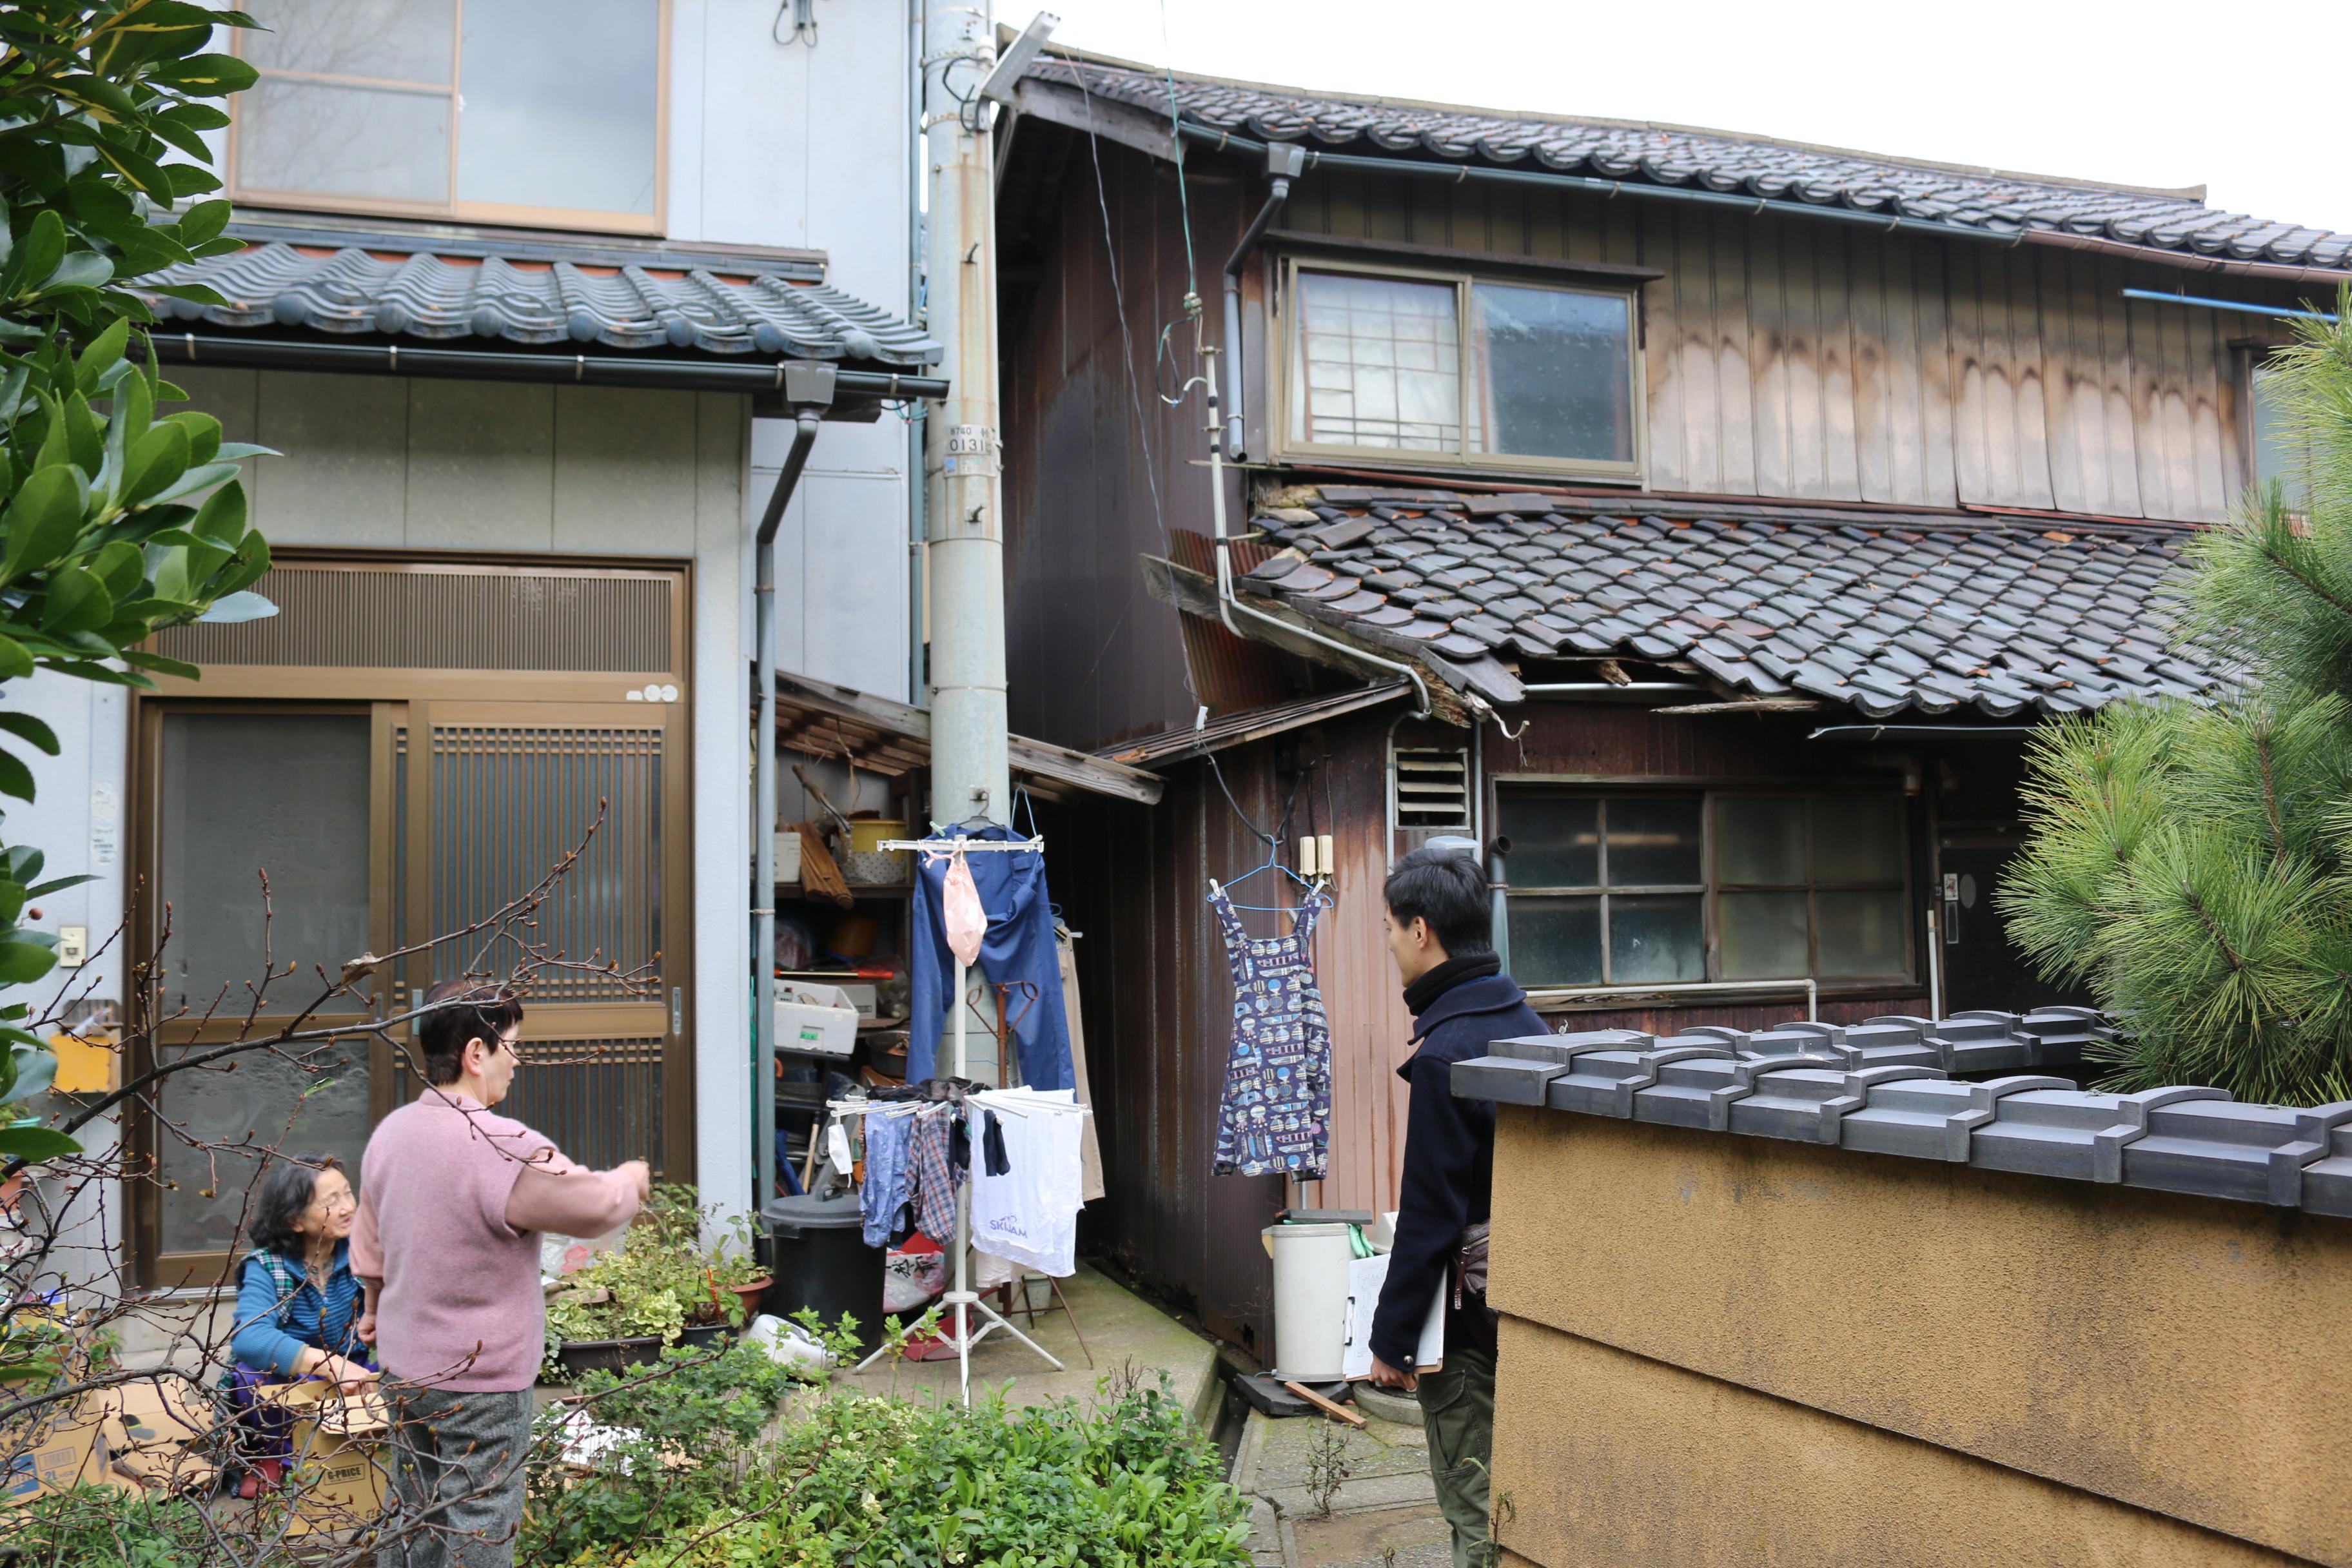 http://ud.t.u-tokyo.ac.jp/blog/_images/IMG_9141.JPG